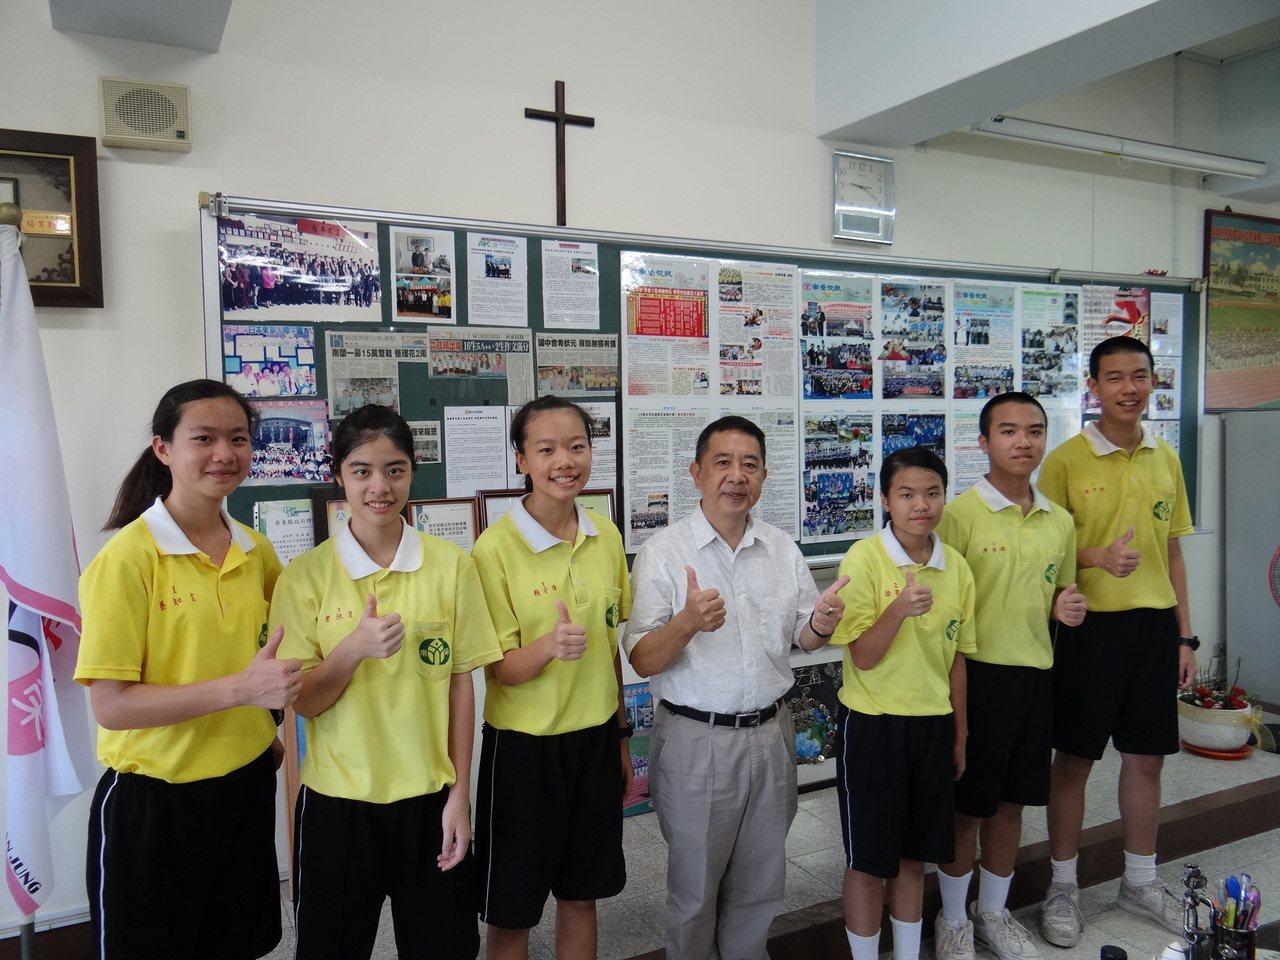 南榮國中這次會考共有6個5A++學生分別為蔡知言(左起黃衣)、蔡佩育、賴安琦、涂...